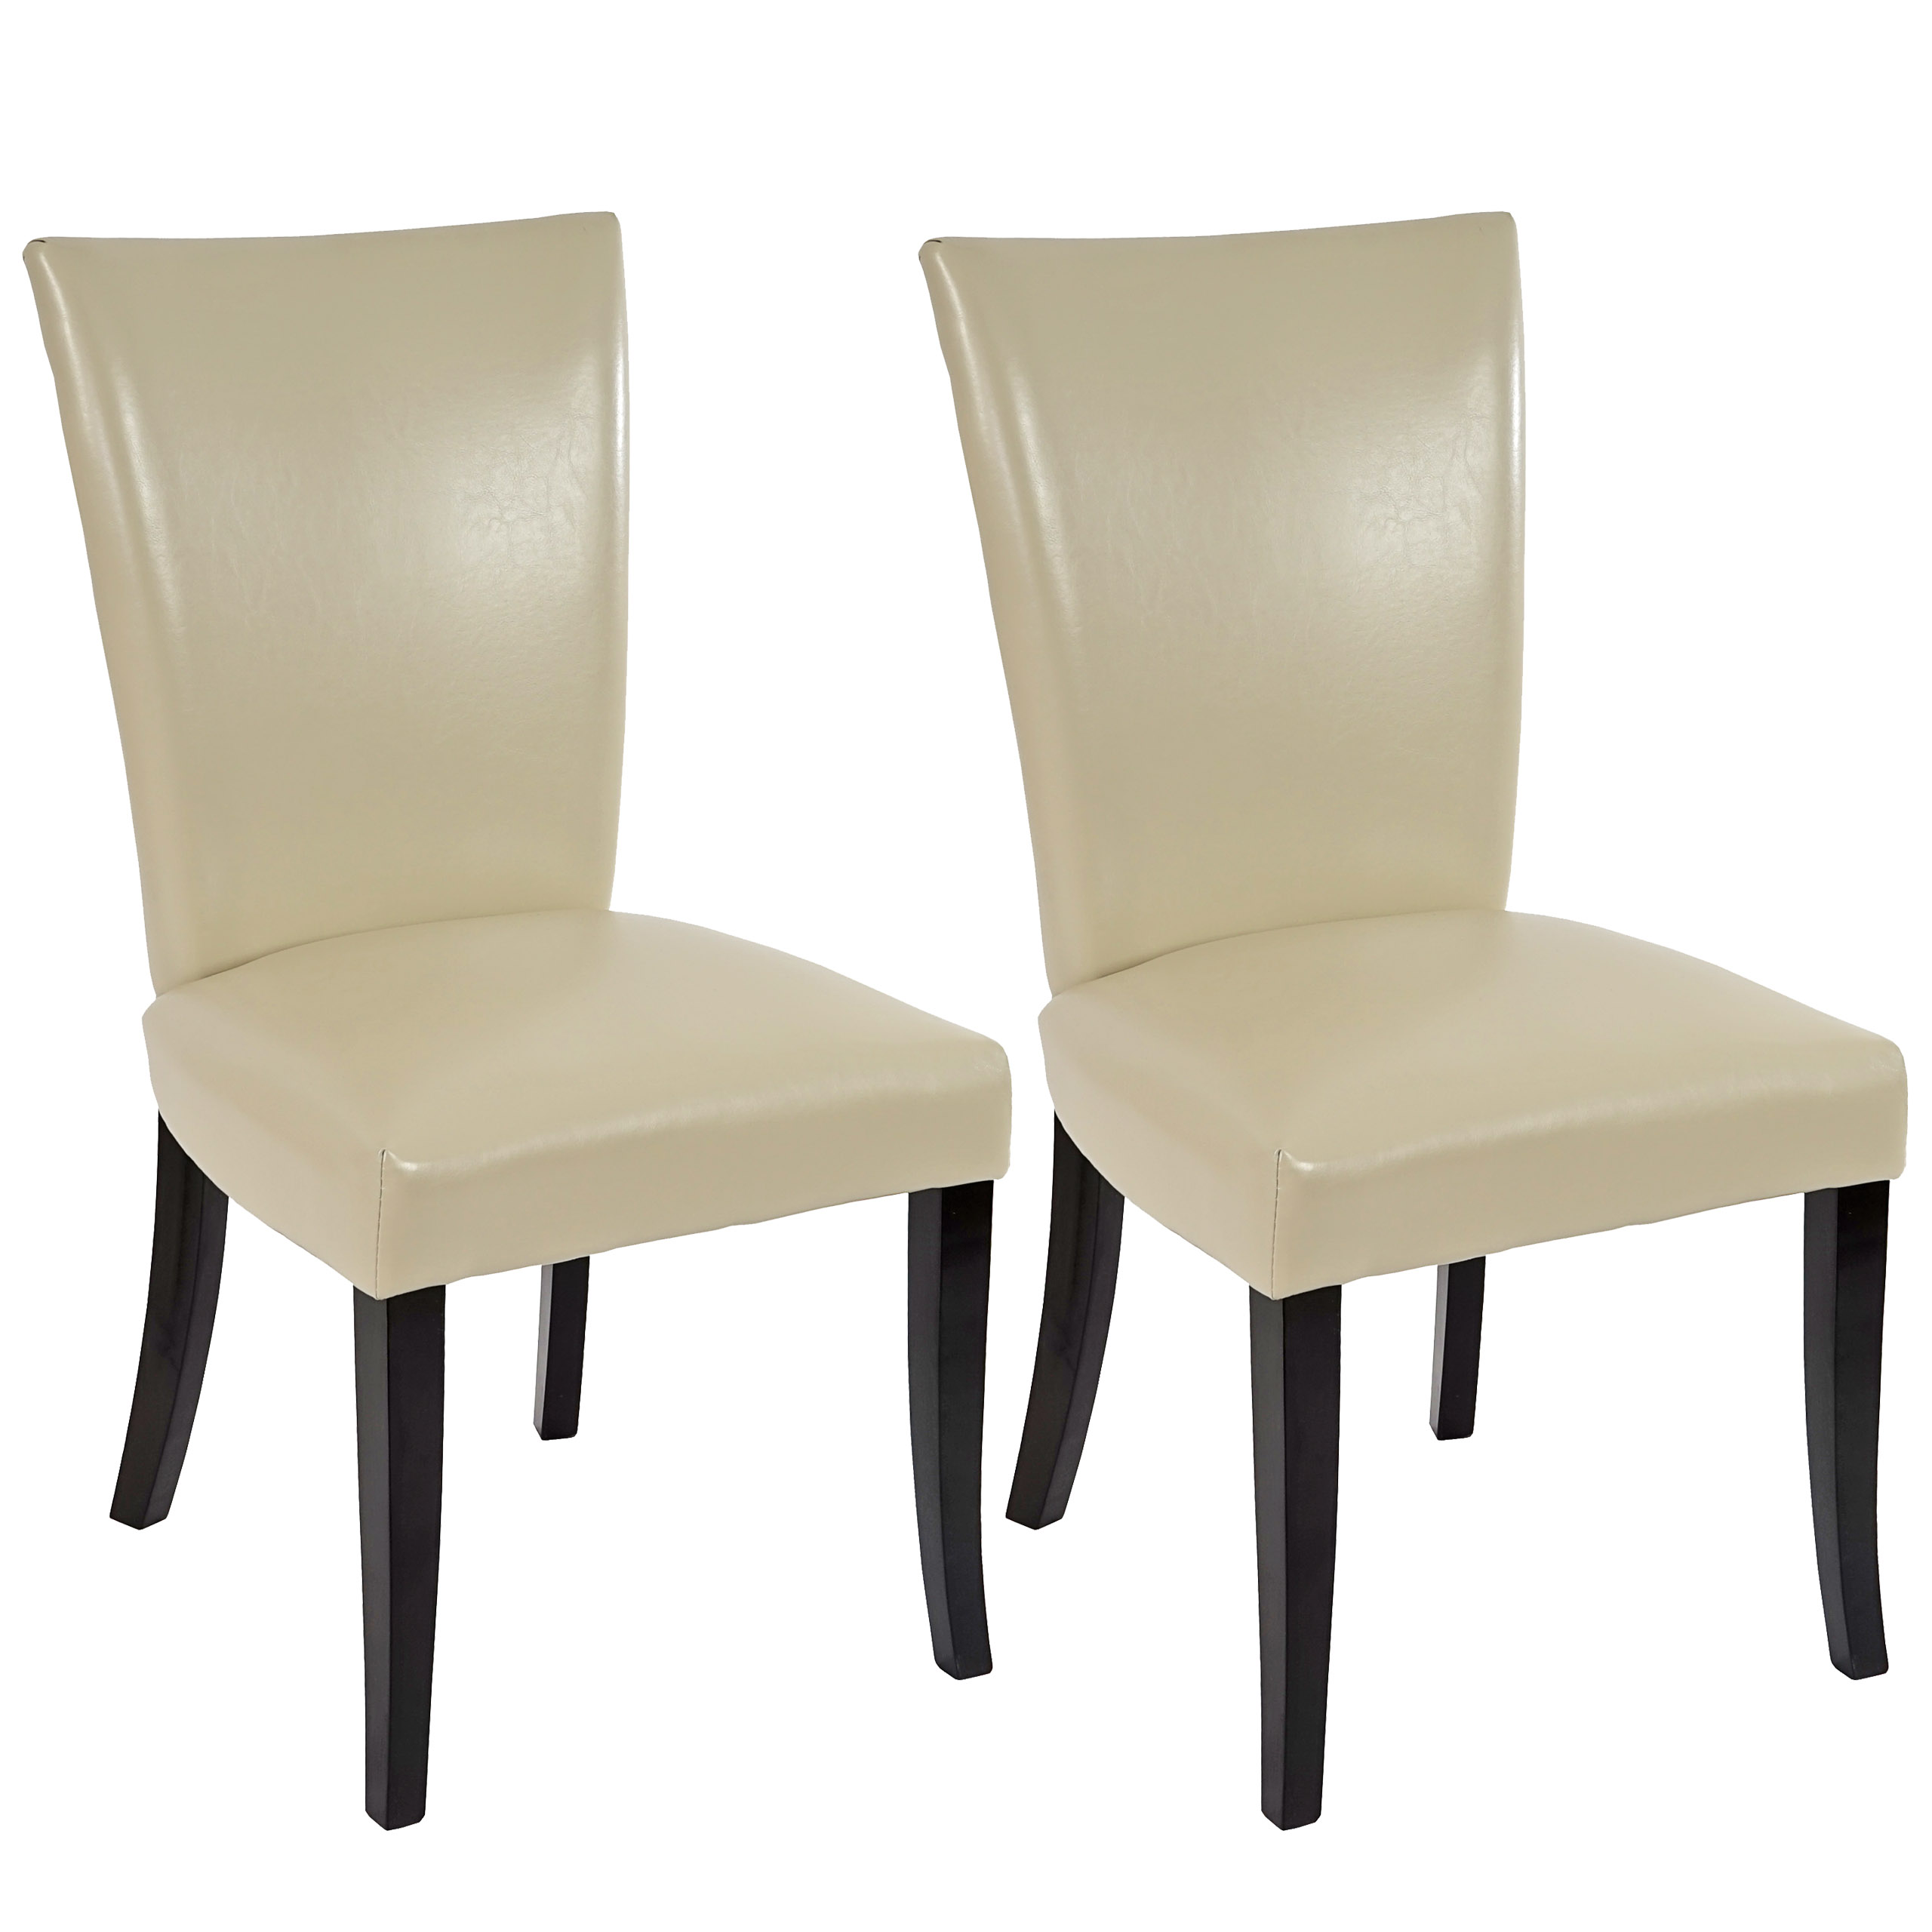 2x Esszimmerstuhl Chesterfield Stuhl Nieten Creme Dunkle